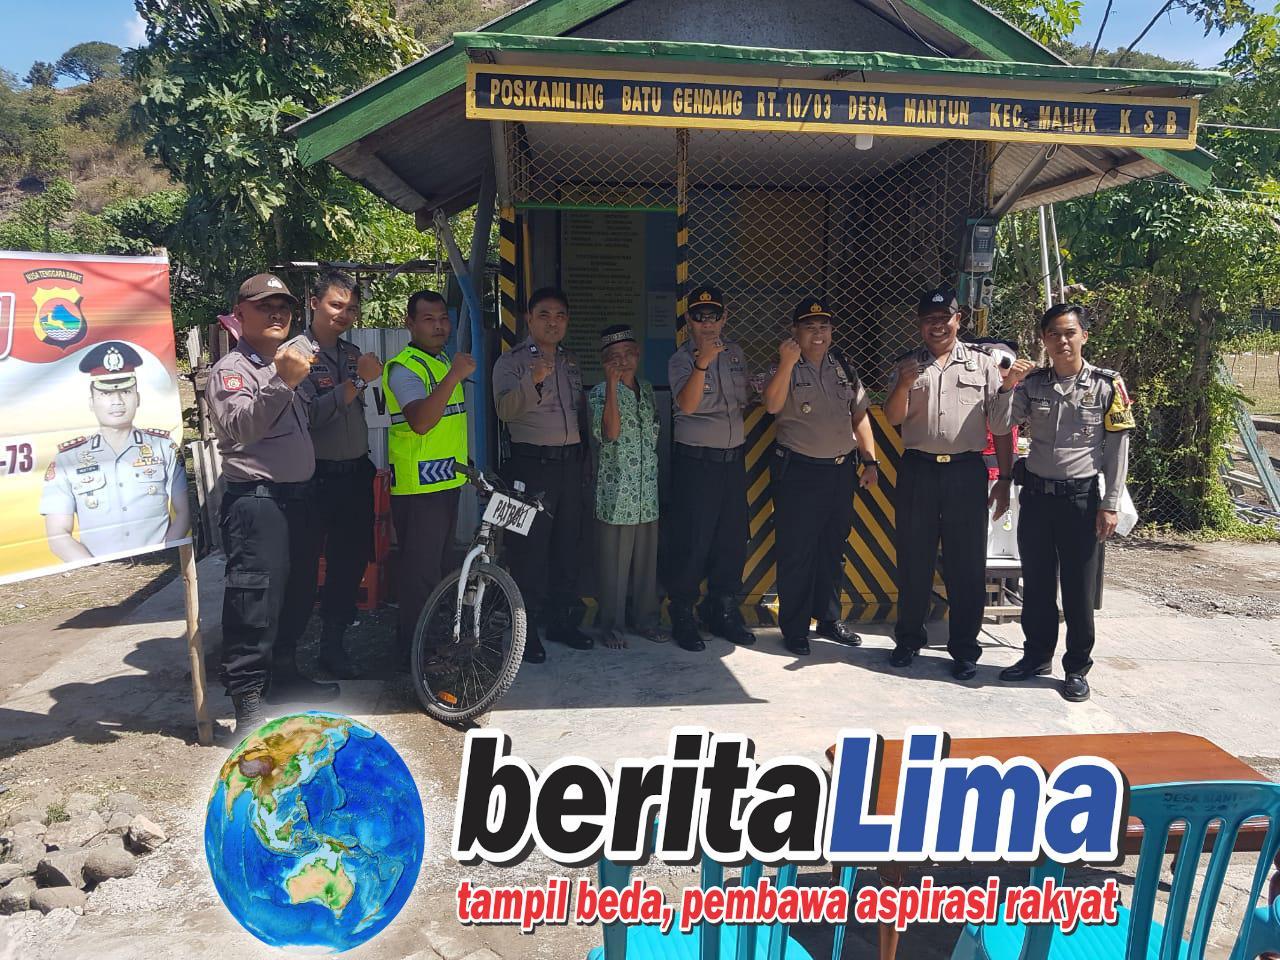 Jelang HUT Bhayangkara Ke 73 Kepolisian Gelar Lomba Pos Kamling Guna Tingkatkan Kamtibmas